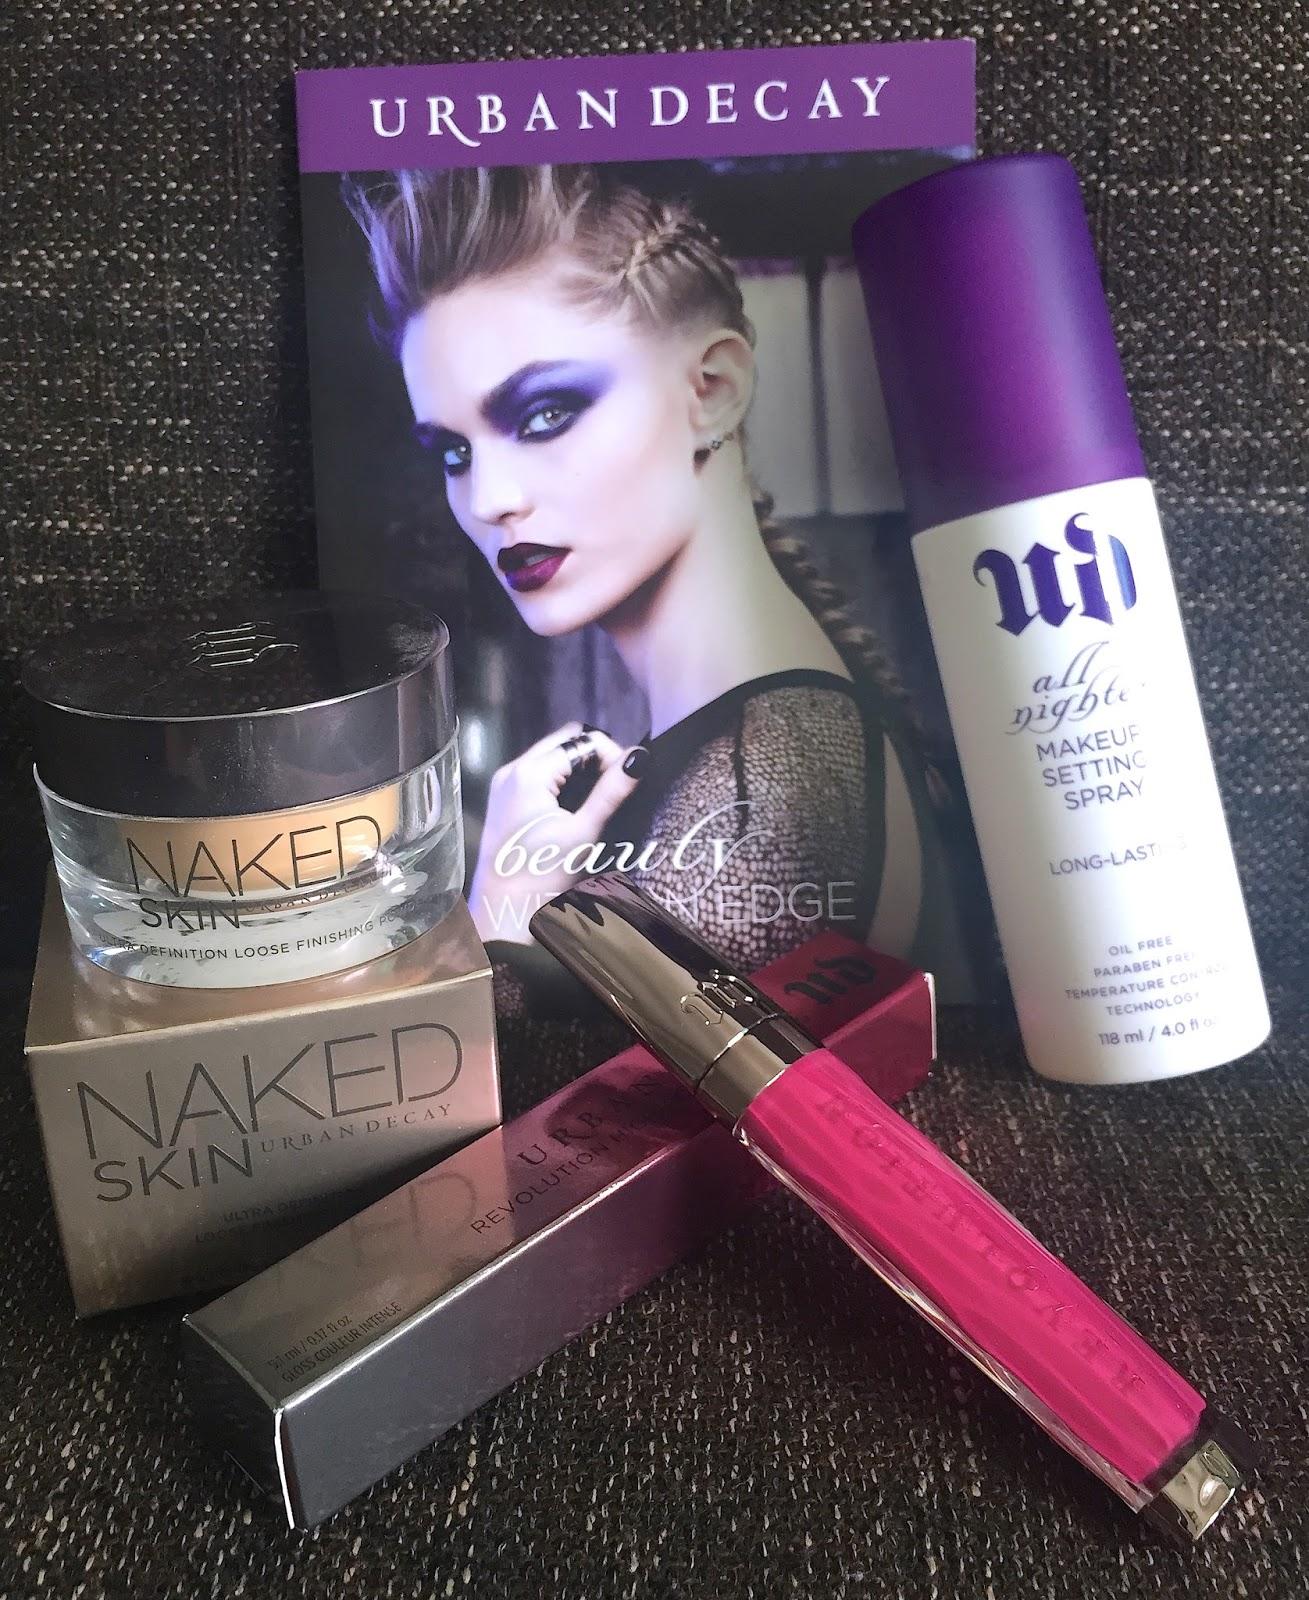 Makeup Secret: 碎粉新寵 Urban Decay! ️